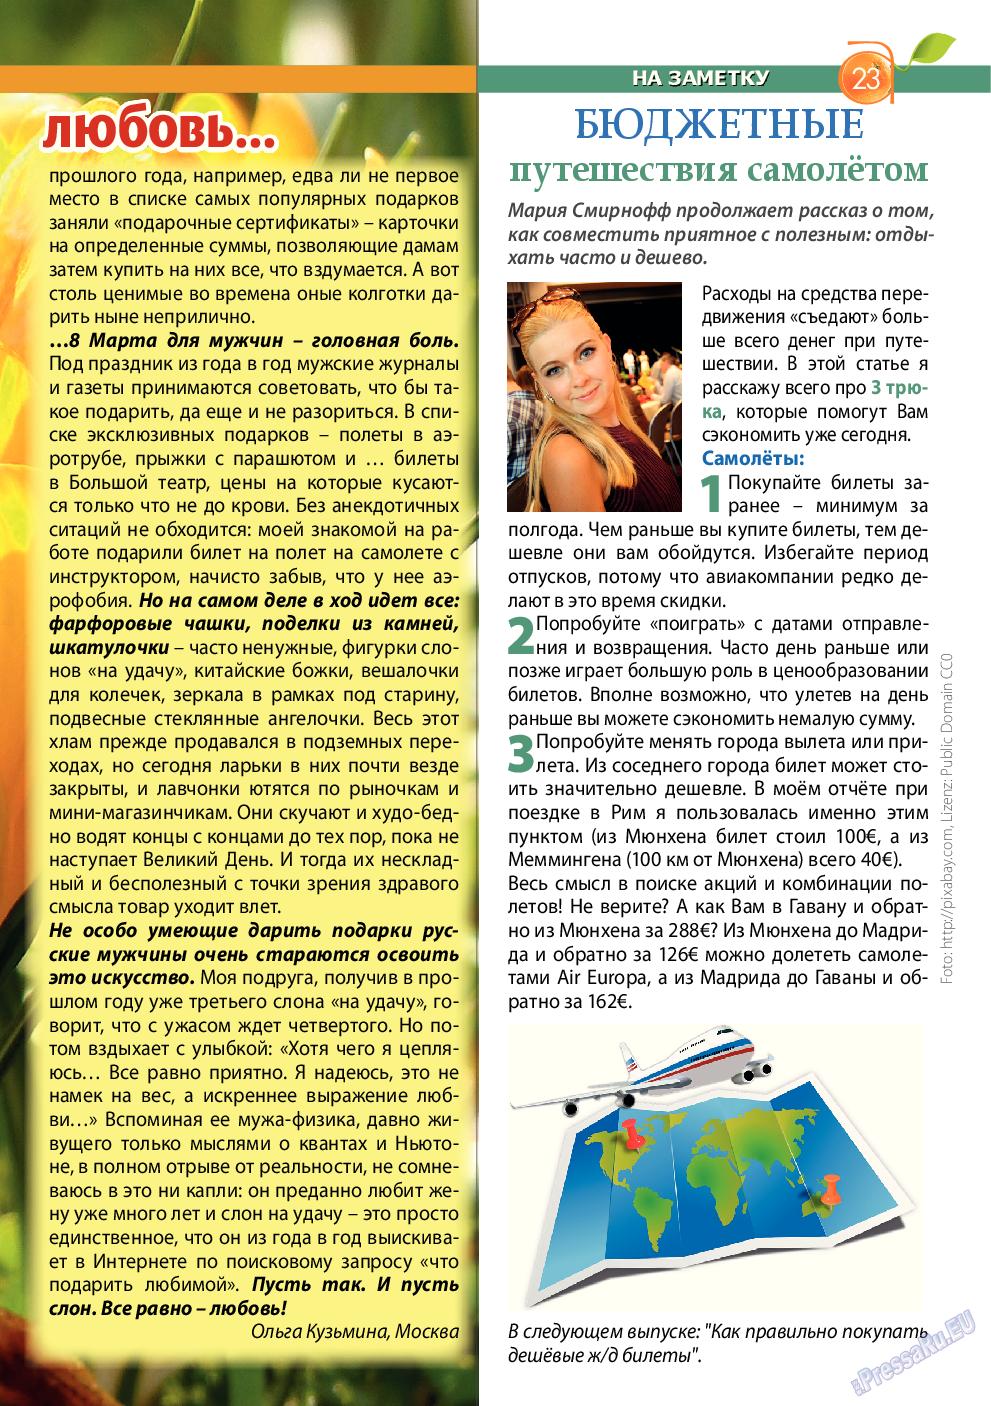 Апельсин (журнал). 2015 год, номер 68, стр. 23